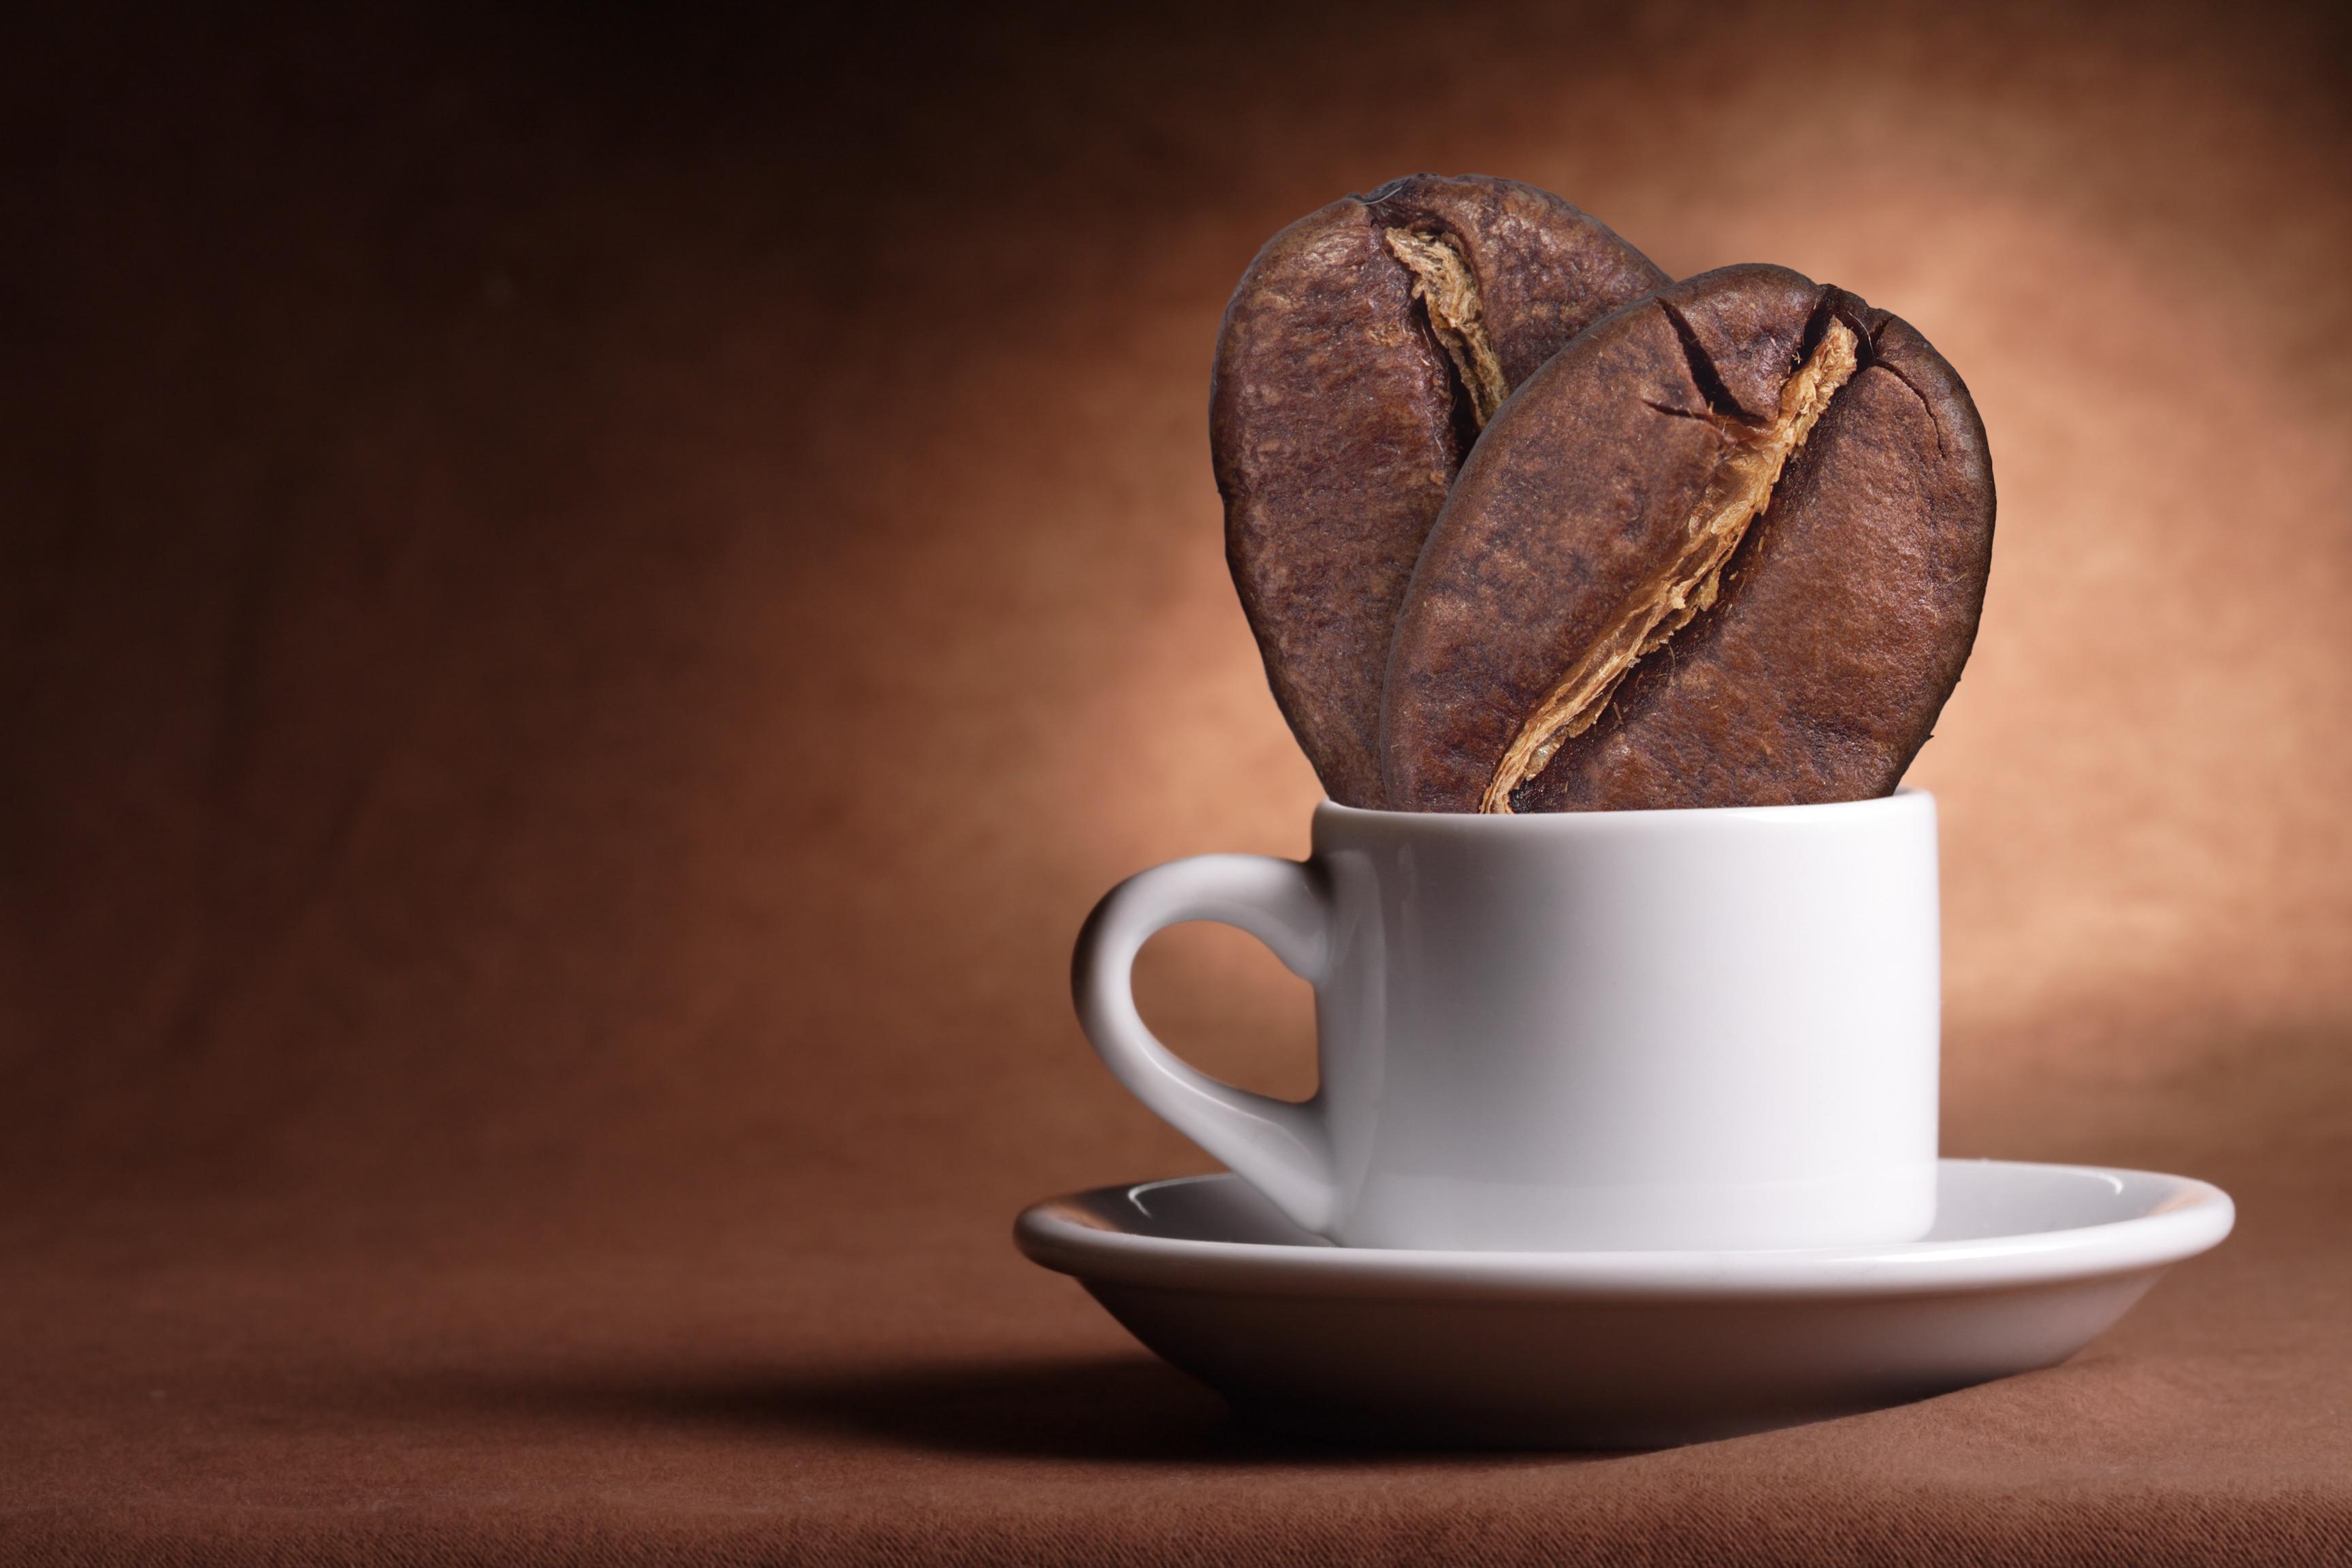 Кофе зерна чашка  № 2172463 без смс